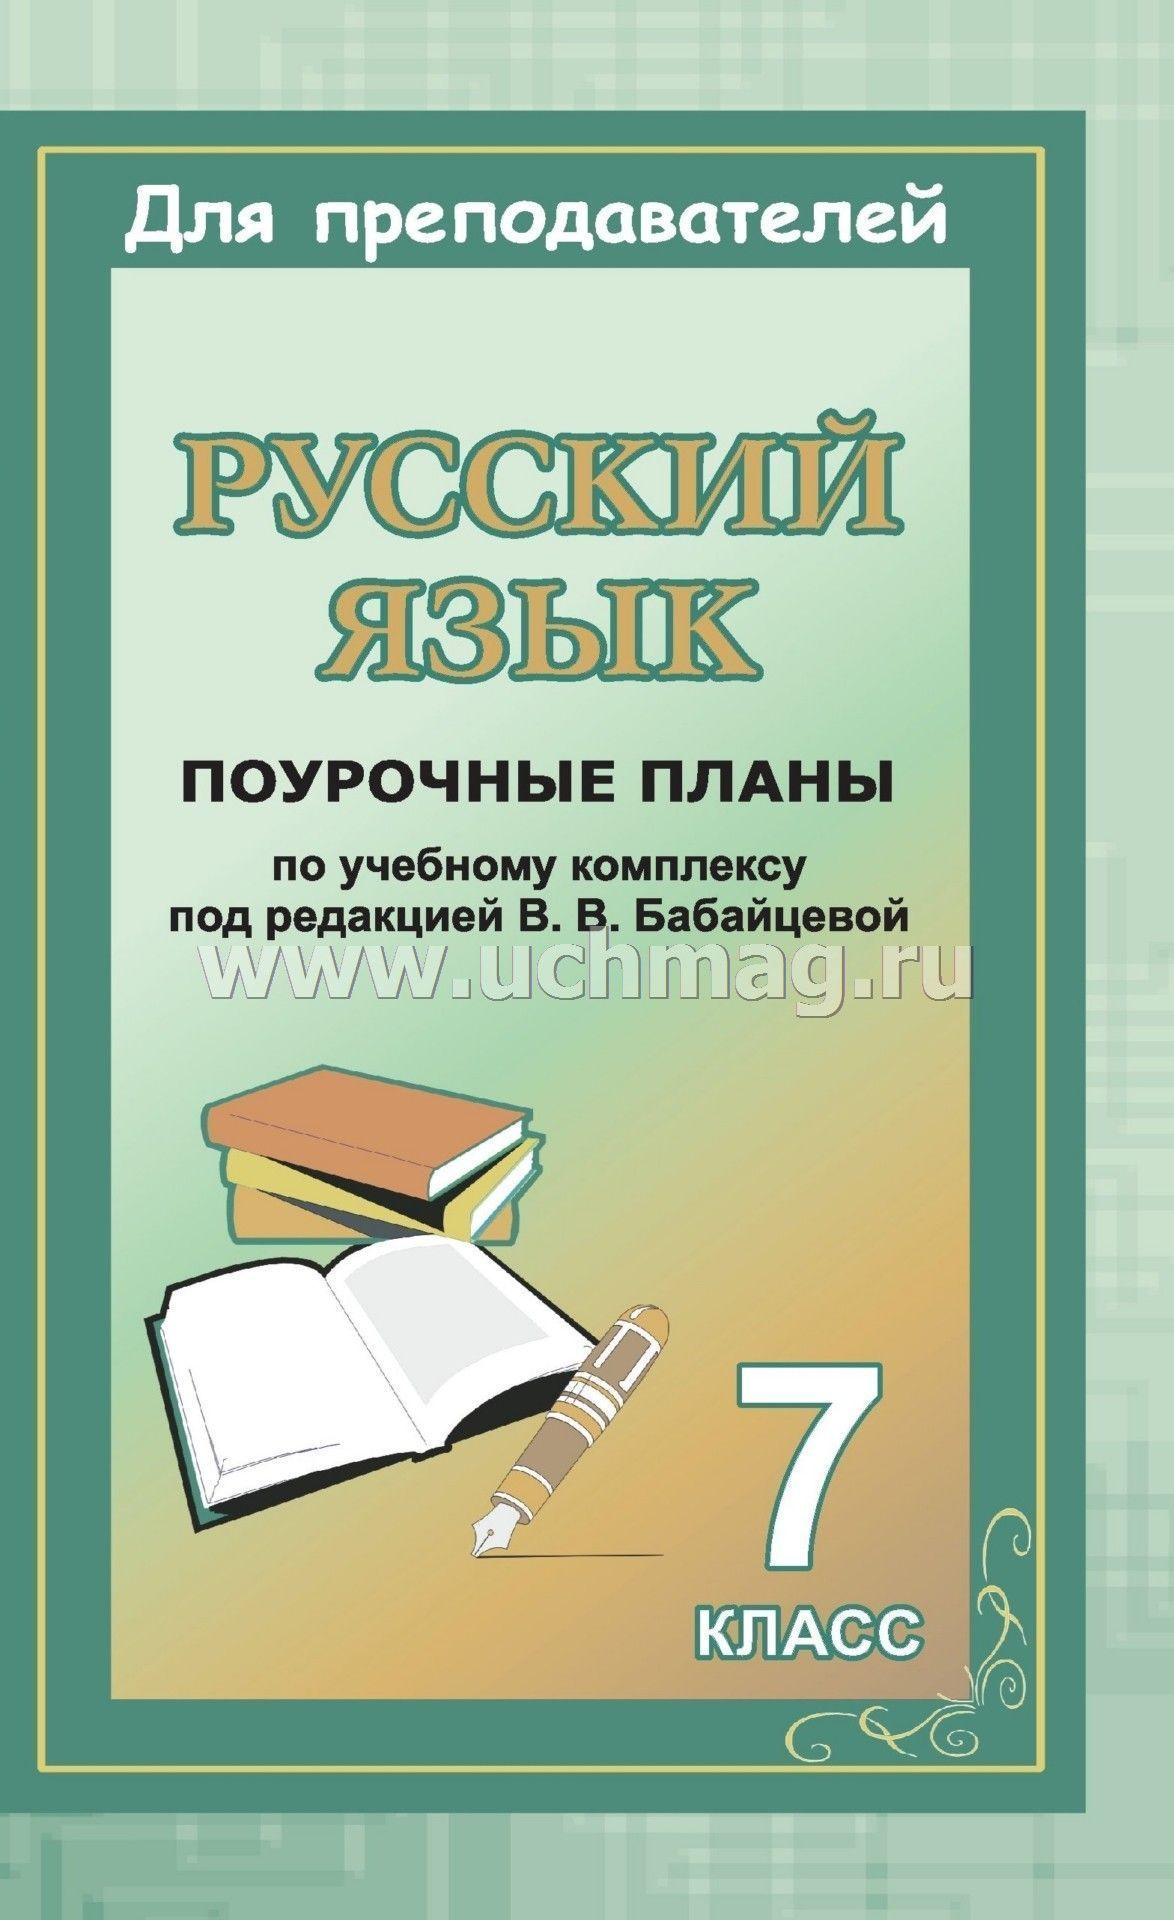 Русский язык 5 класс бабайцева практика не скачивать упр 335 5 класс